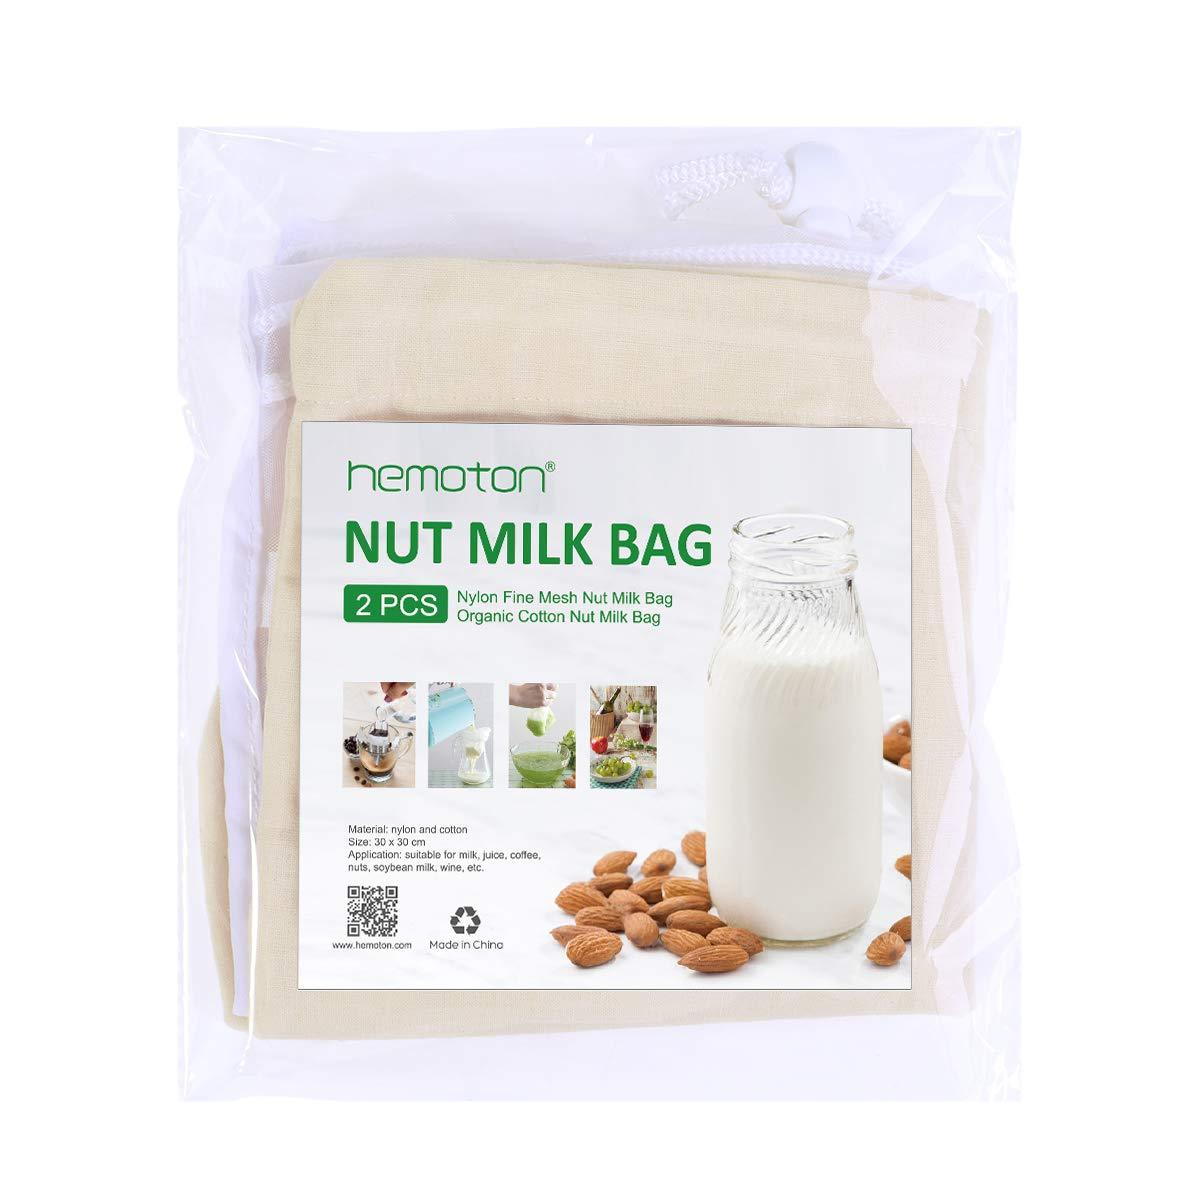 Hemoton Lot de 2 sacs en nylon /à mailles fines r/éutilisables et en coton organique pour lait de noix v/ég/étal Nusslait damande fruit/é 30 x 30 cm